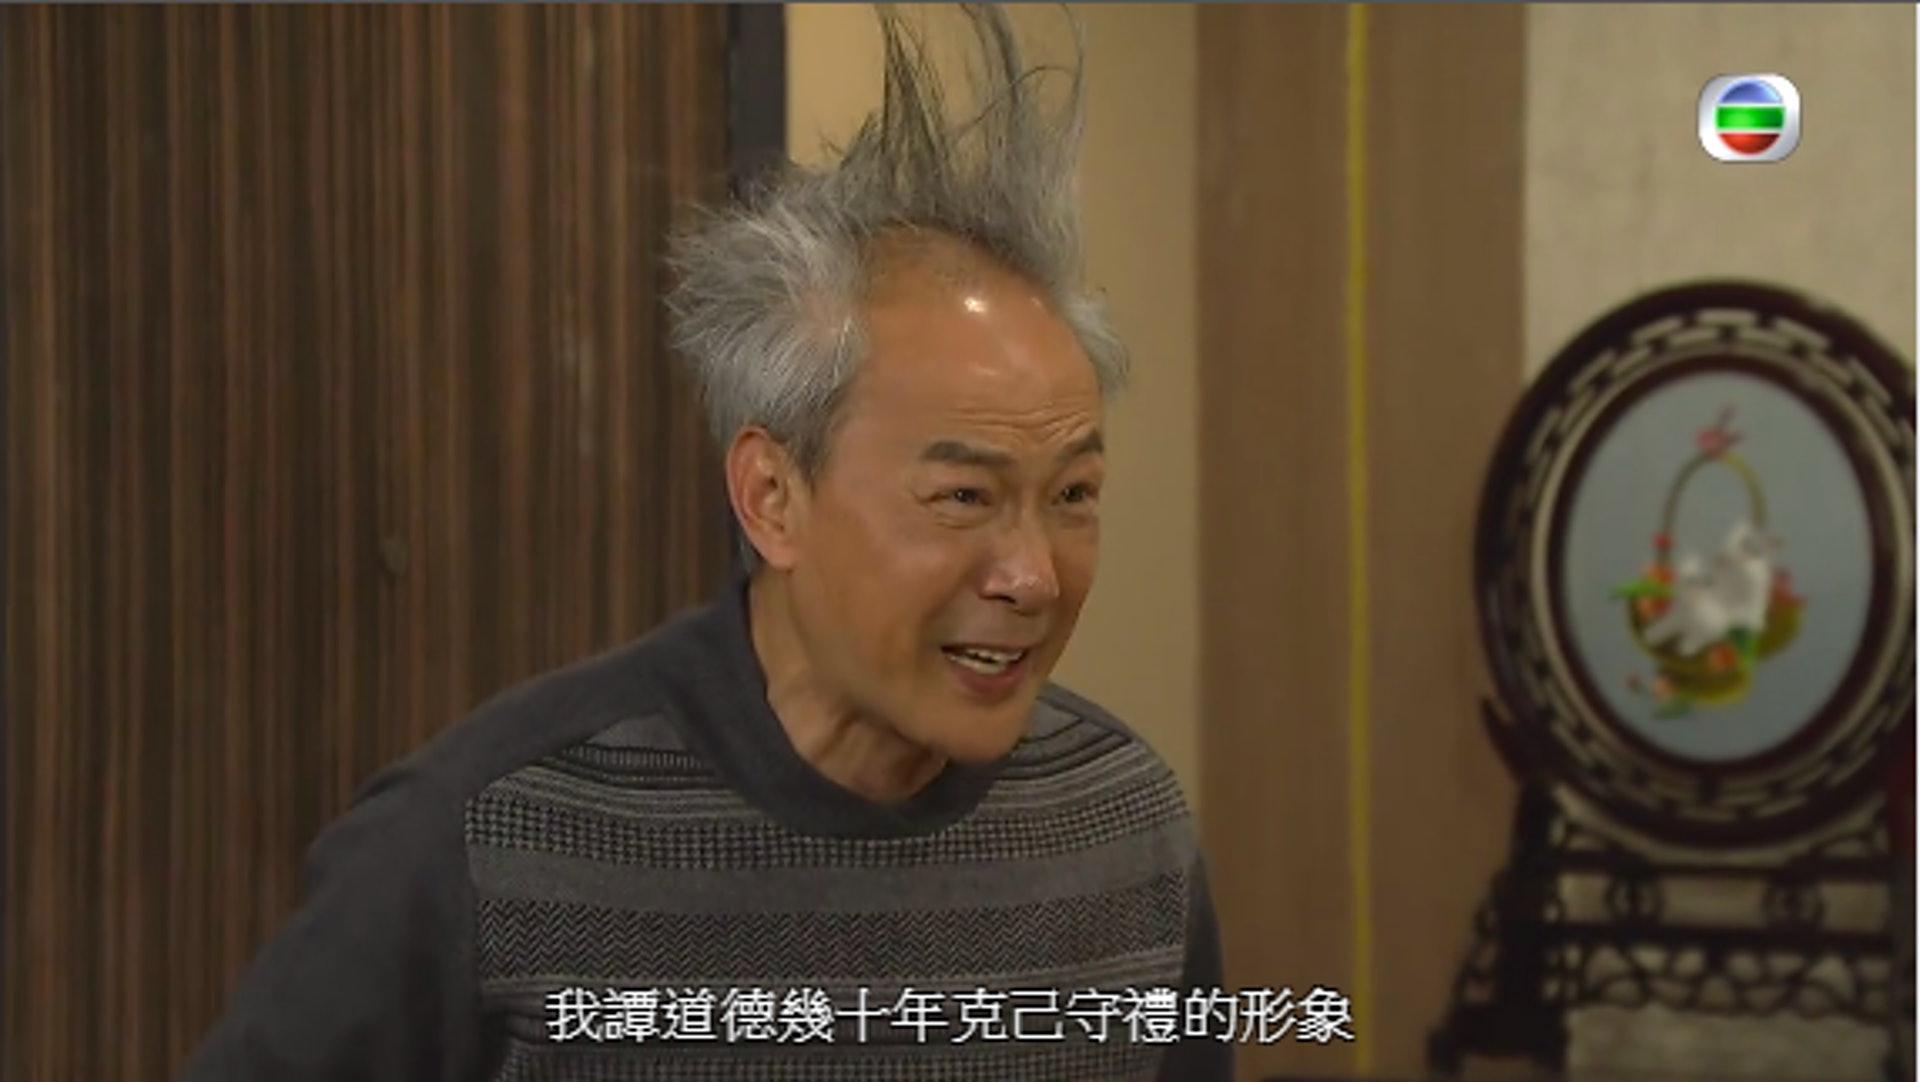 陳榮峻為予令角色更立體,連髮型都自己set埋。